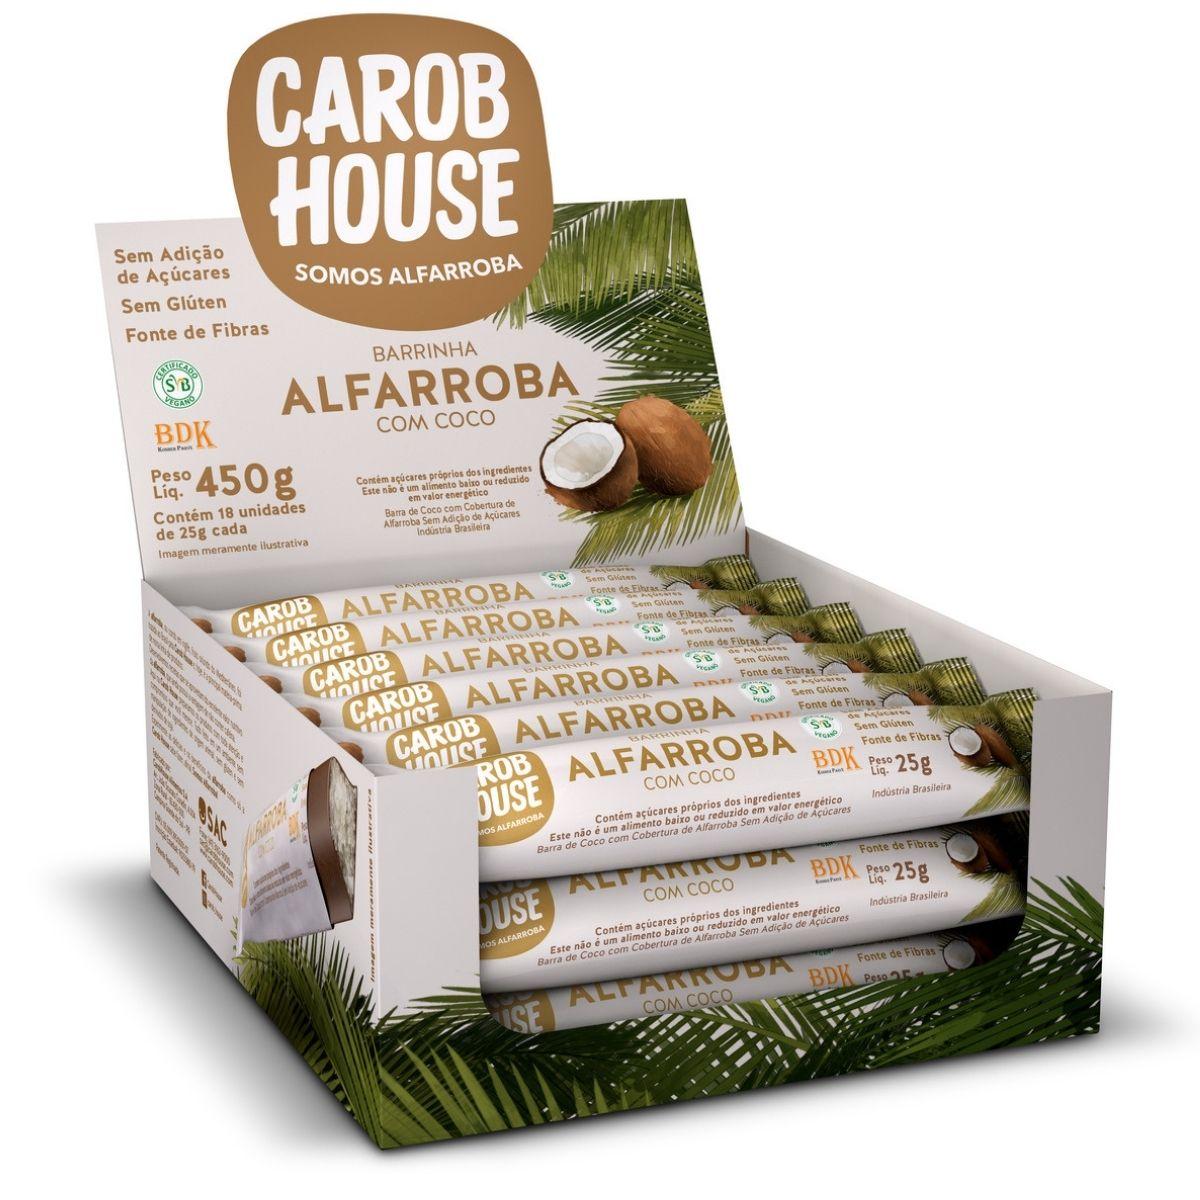 Barrinhas Alfarroba Com Coco 25g Caixa C/ 18 Und - Carob House